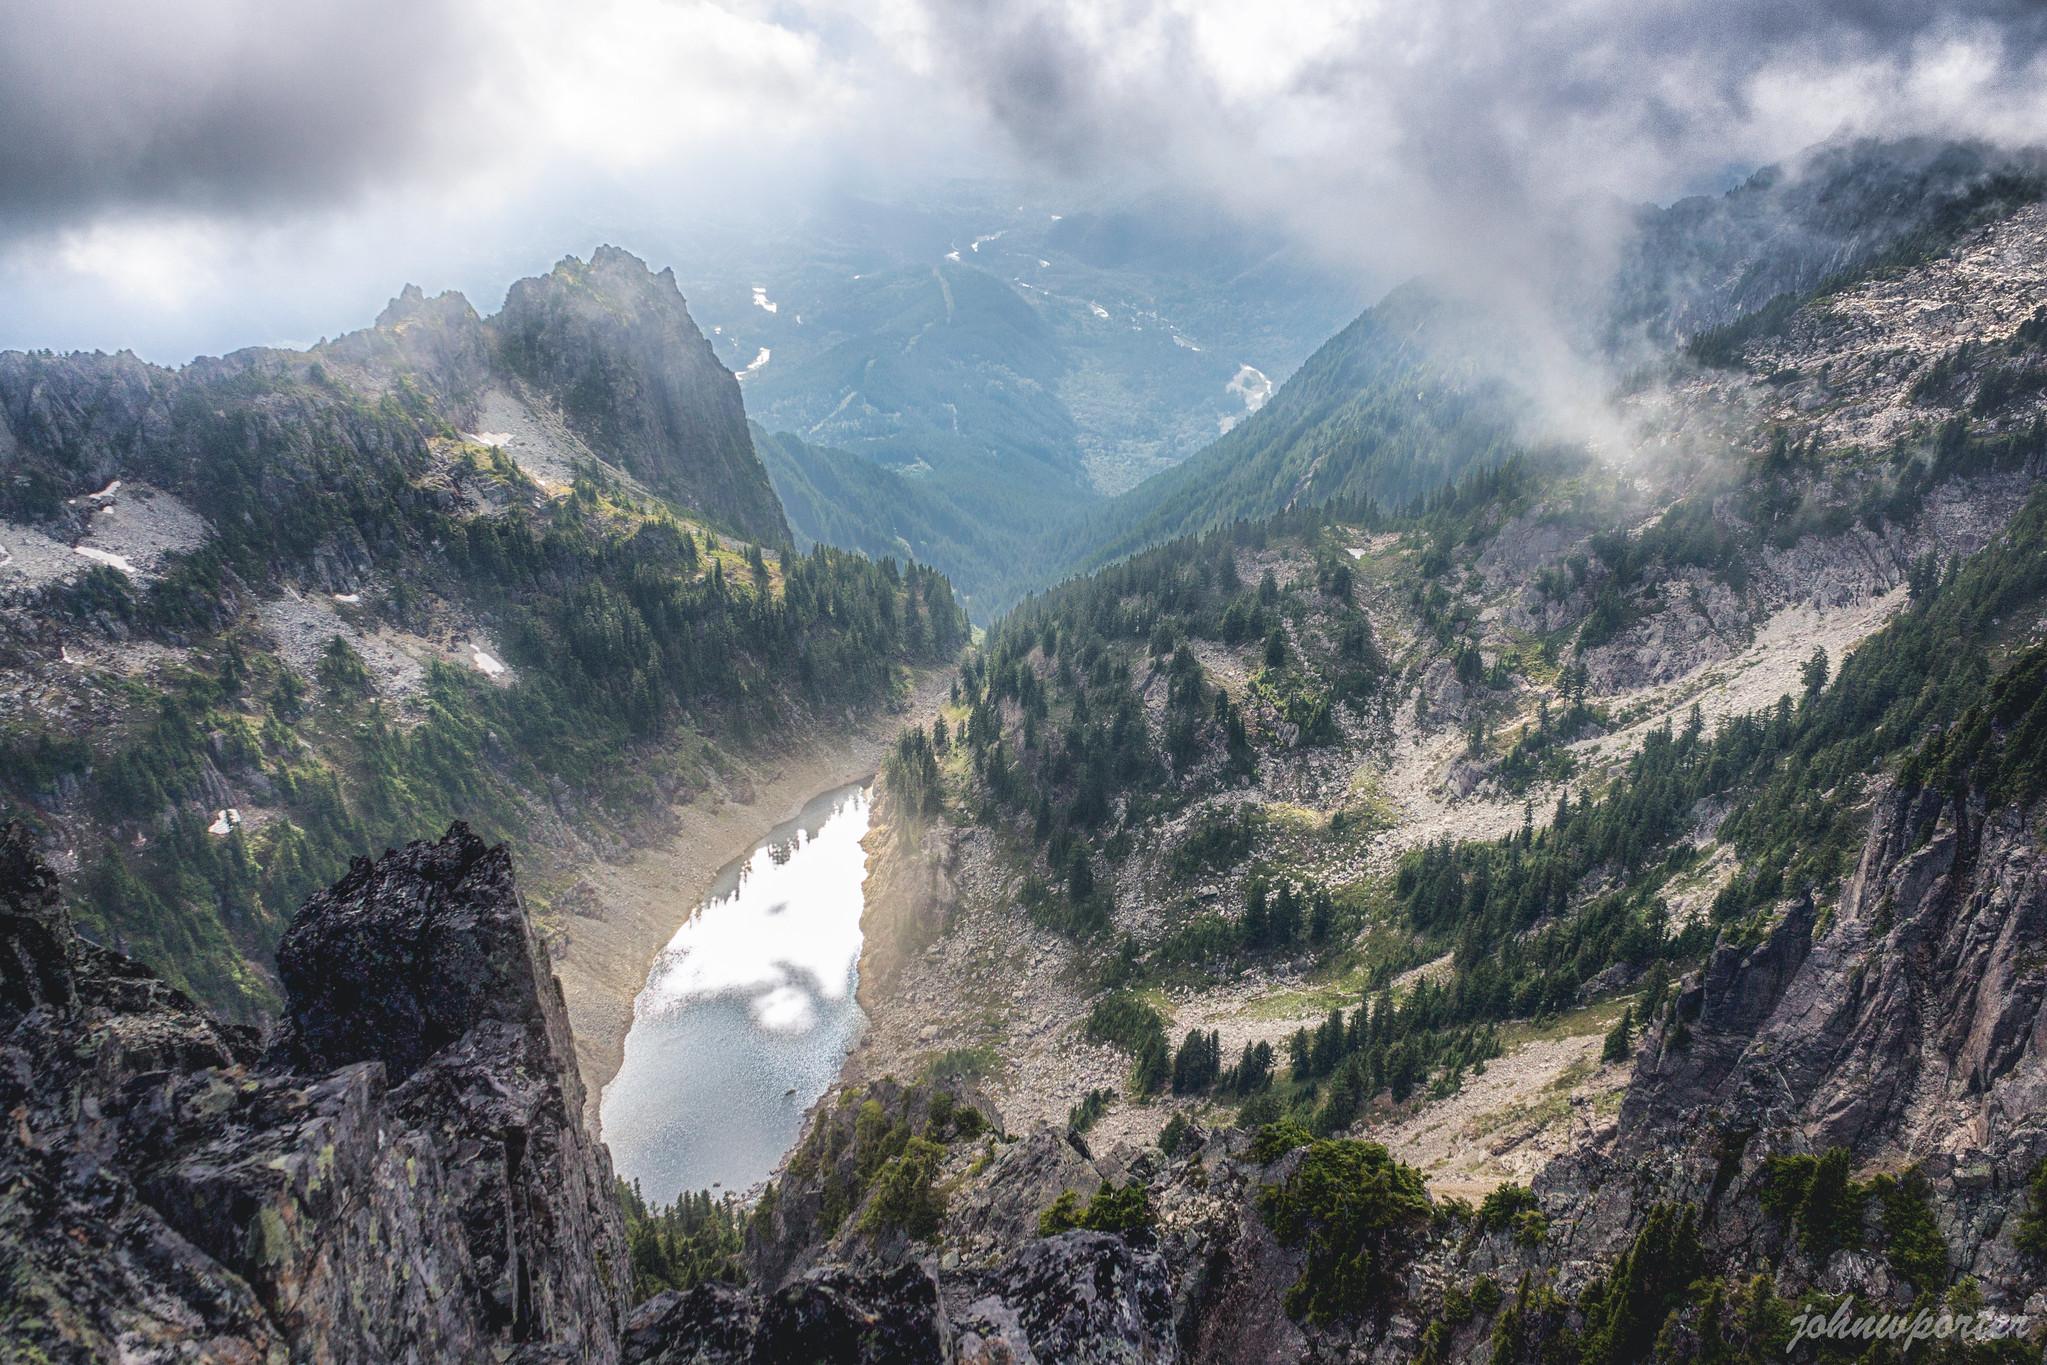 Gunn Lake below Gunn Peak